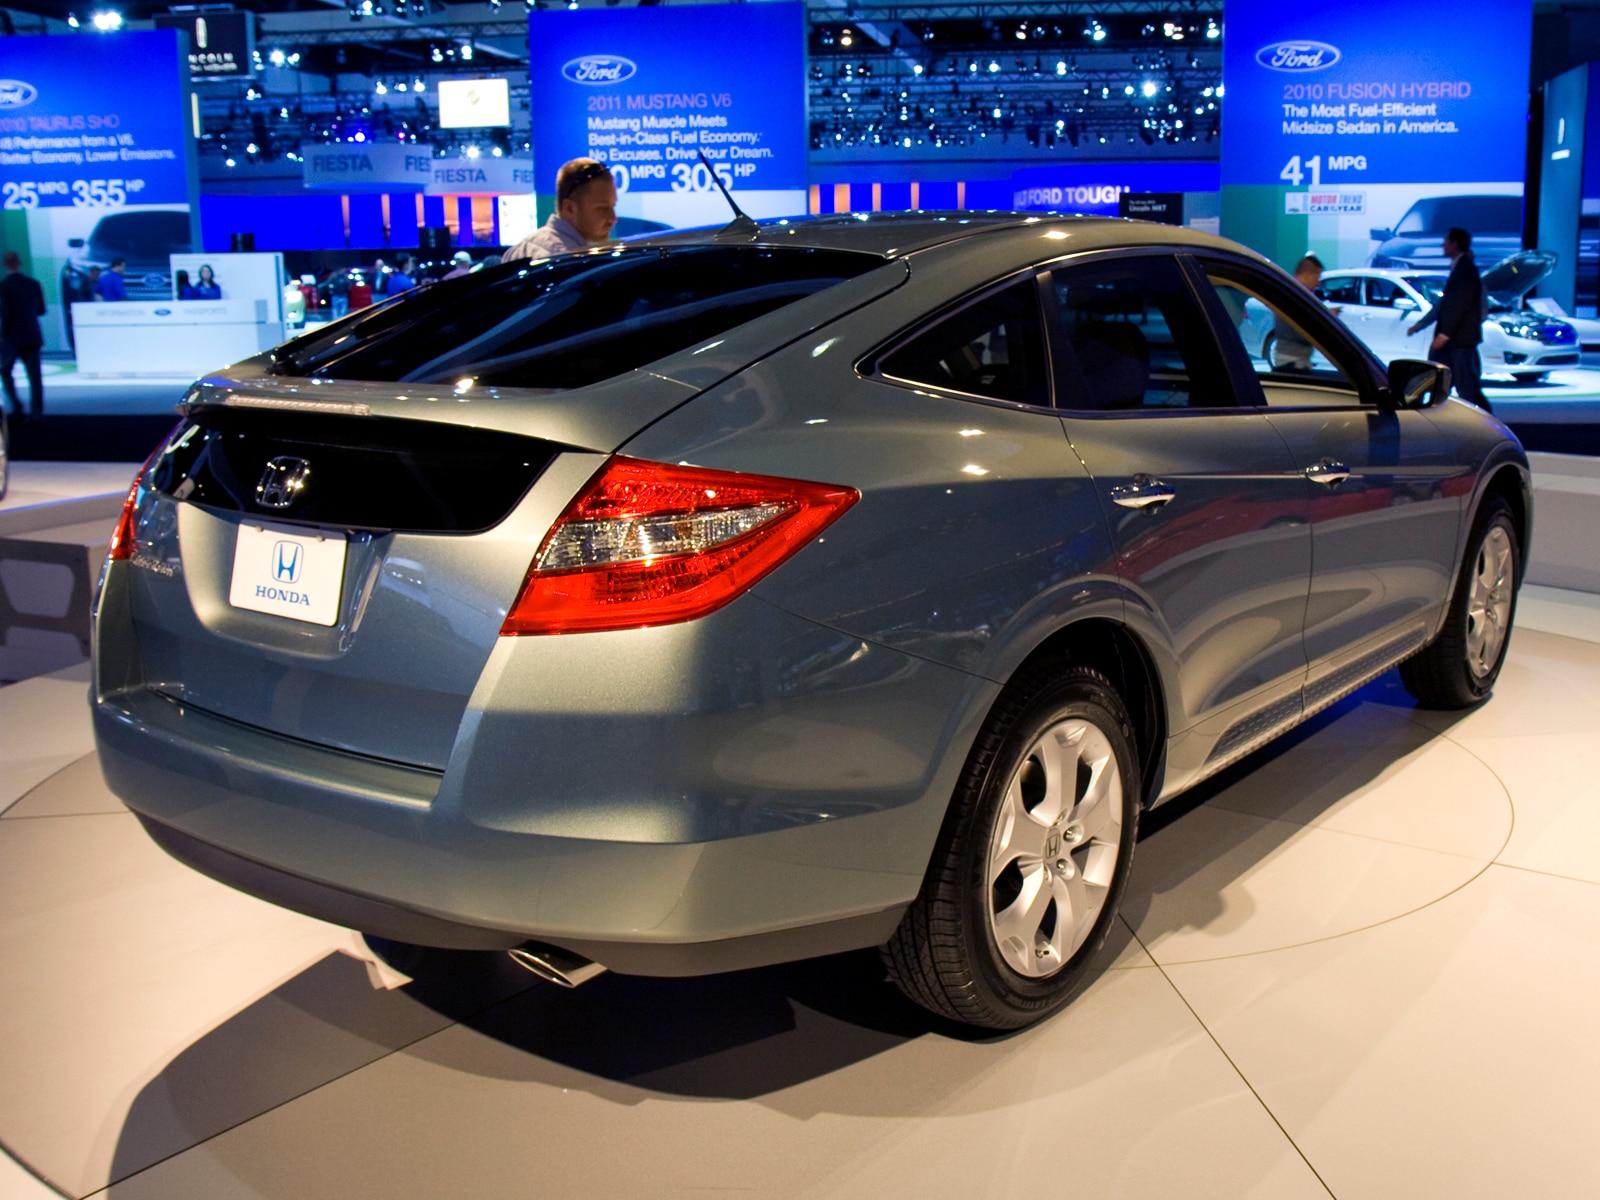 2010 Honda Accord Crosstour - Honda Crossover SUV Review ...